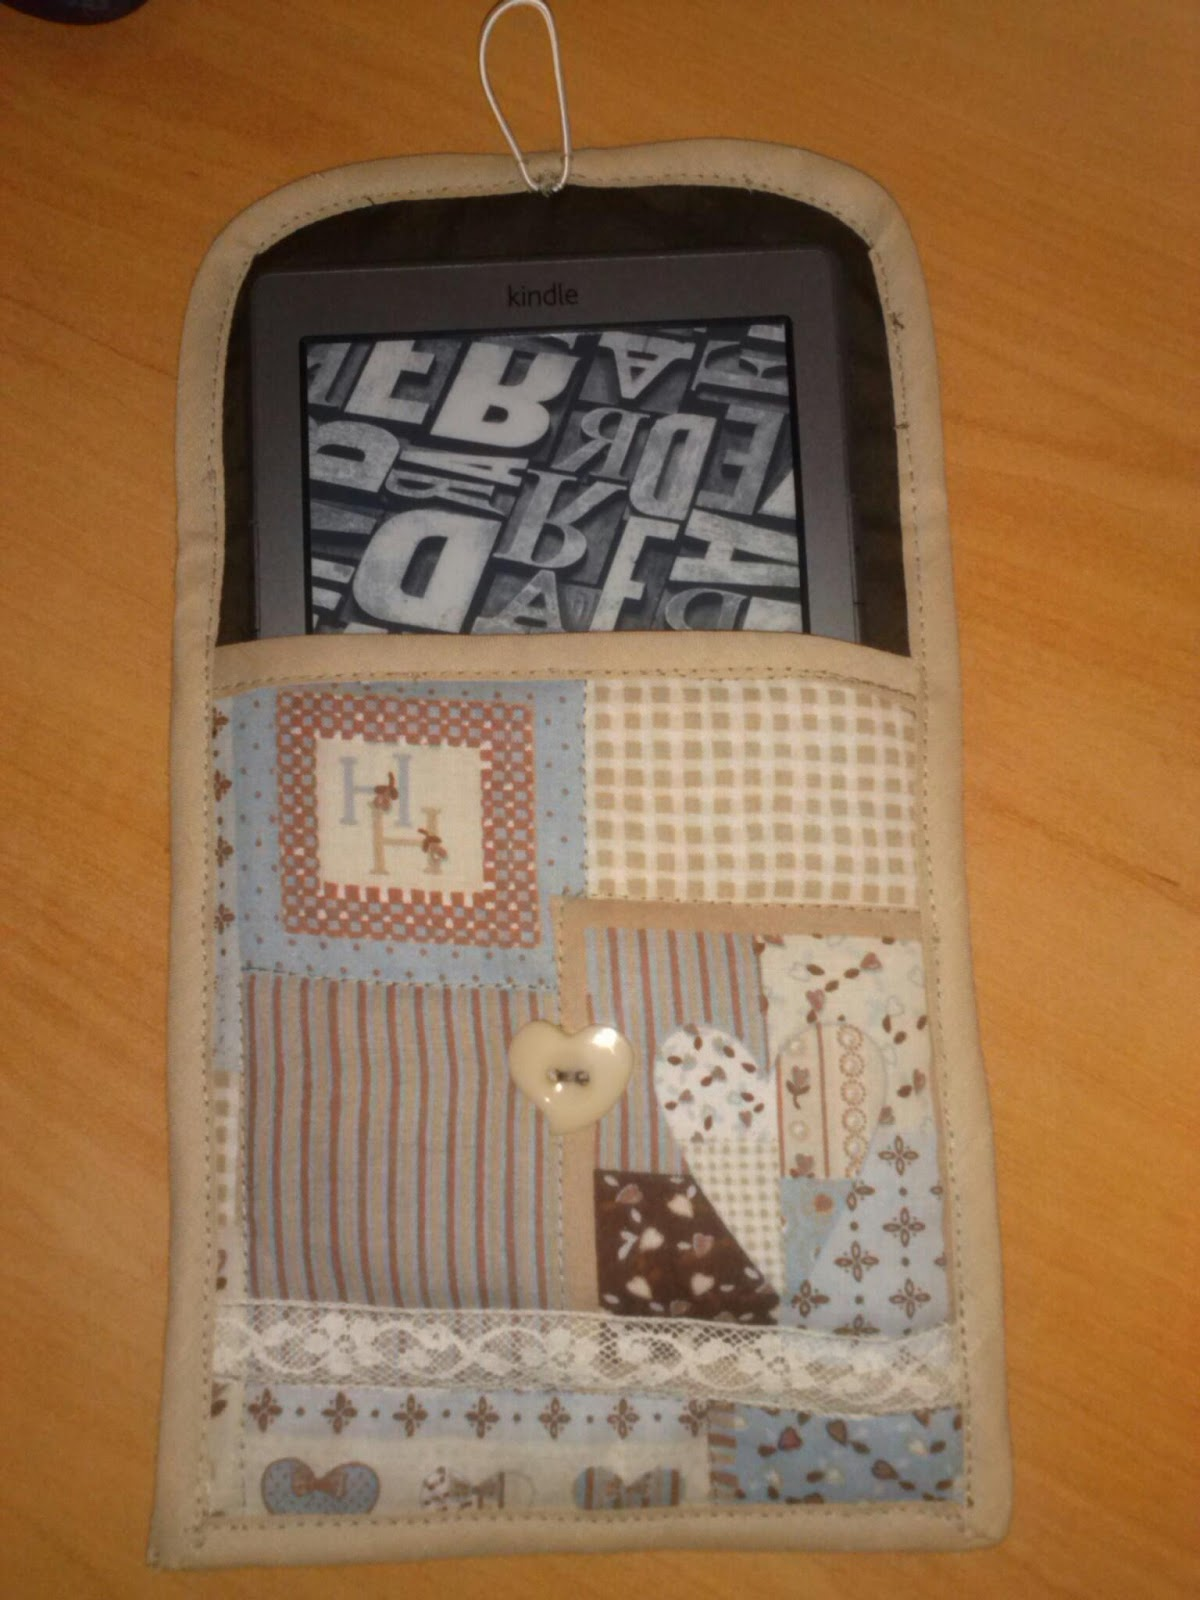 Handmade lovest funda kindle - Kindle funda ...